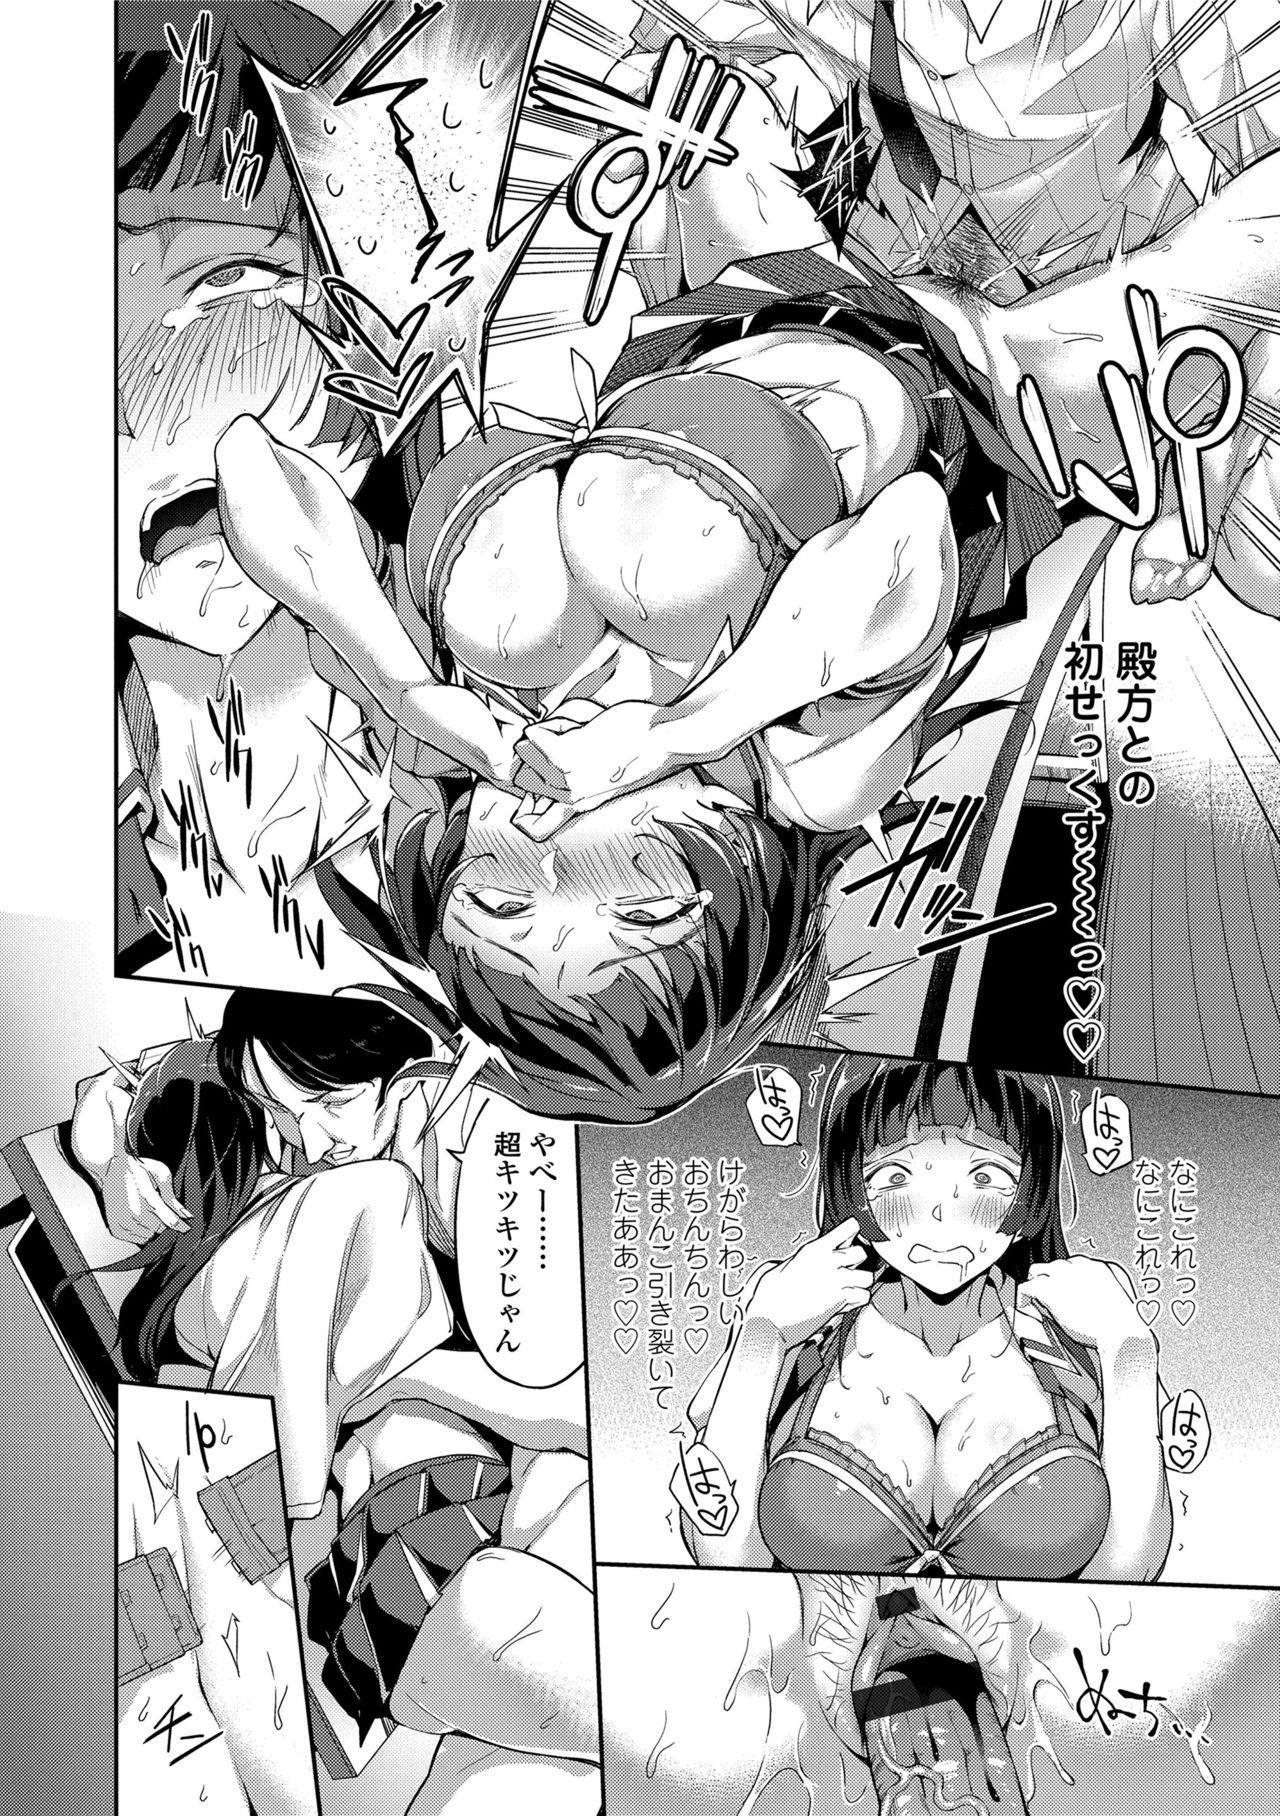 Ai ga Nakutemo Ecchi wa Dekiru! - Even if There is No Love You Can H! 53